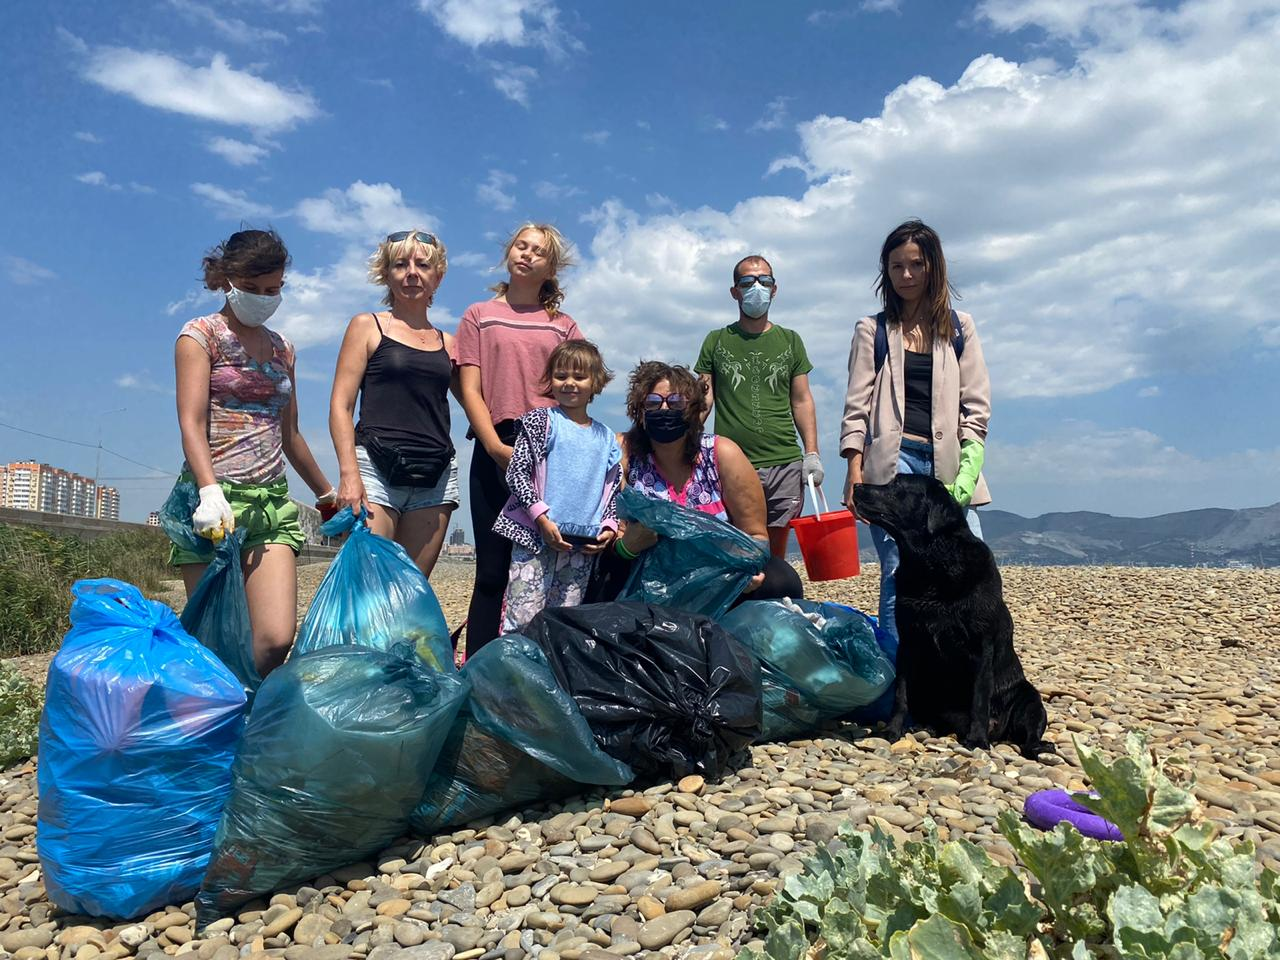 В Новороссийске на берегу моря сегодня собрали 27 мешков мусора